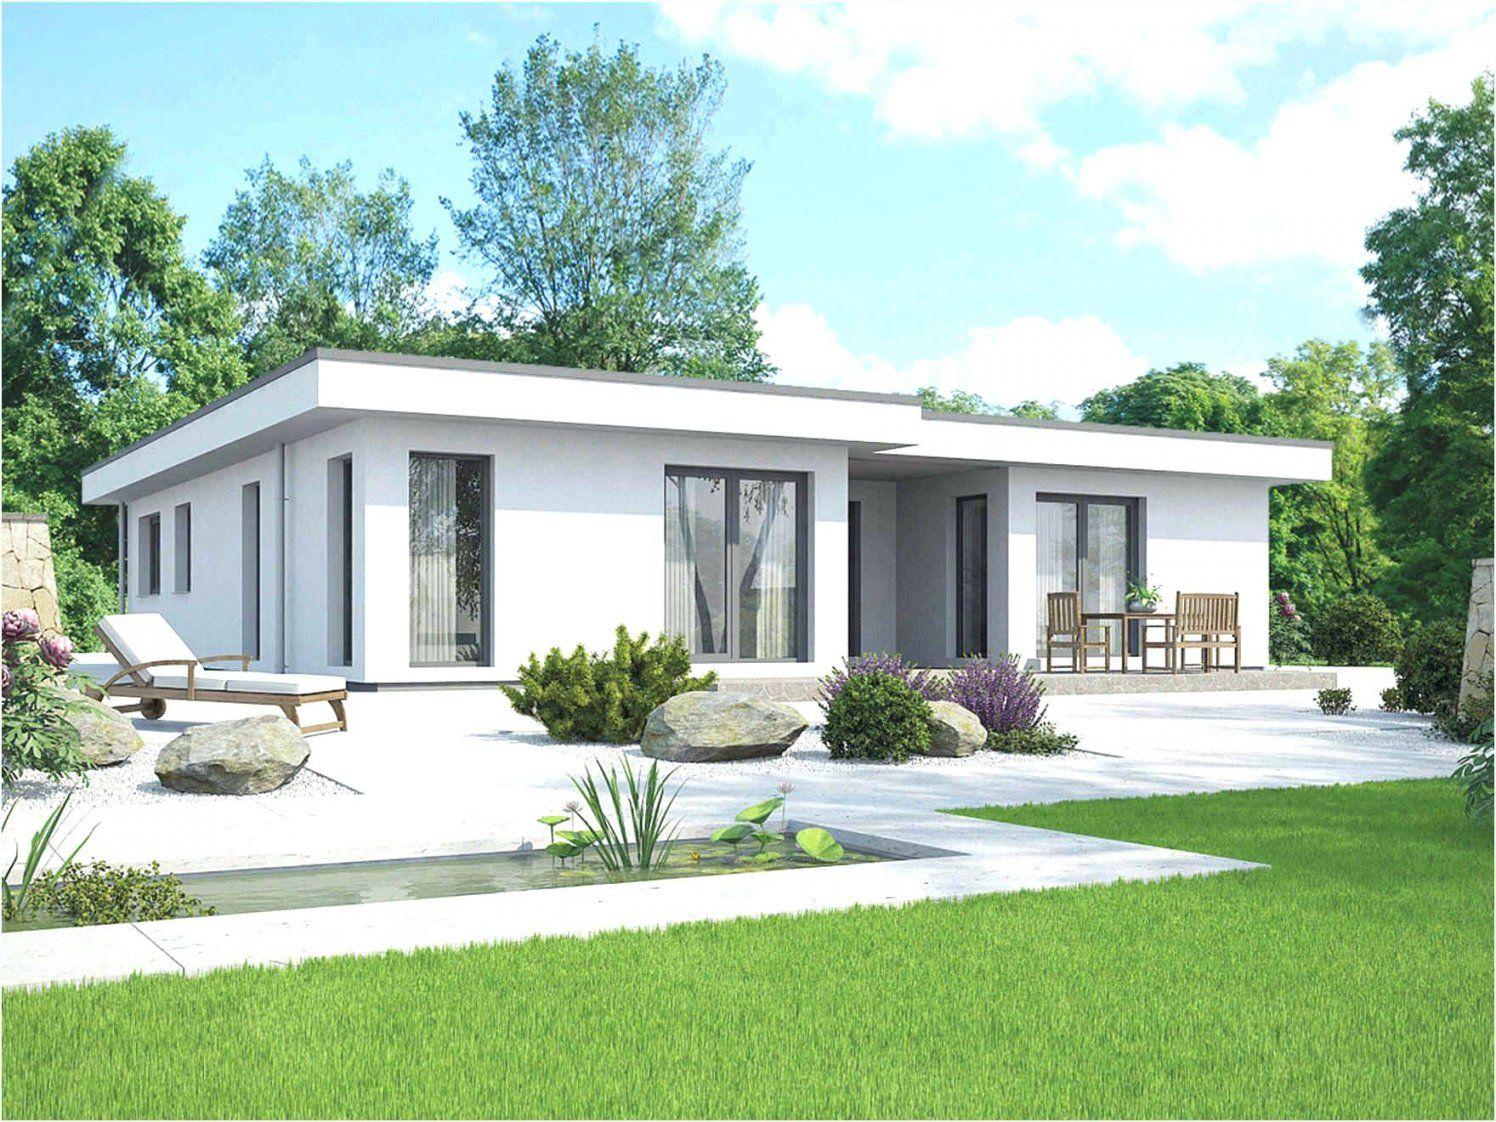 hausbauen kosten architekturhauser haus bauen rechner deutschland von haus selber bauen kosten. Black Bedroom Furniture Sets. Home Design Ideas